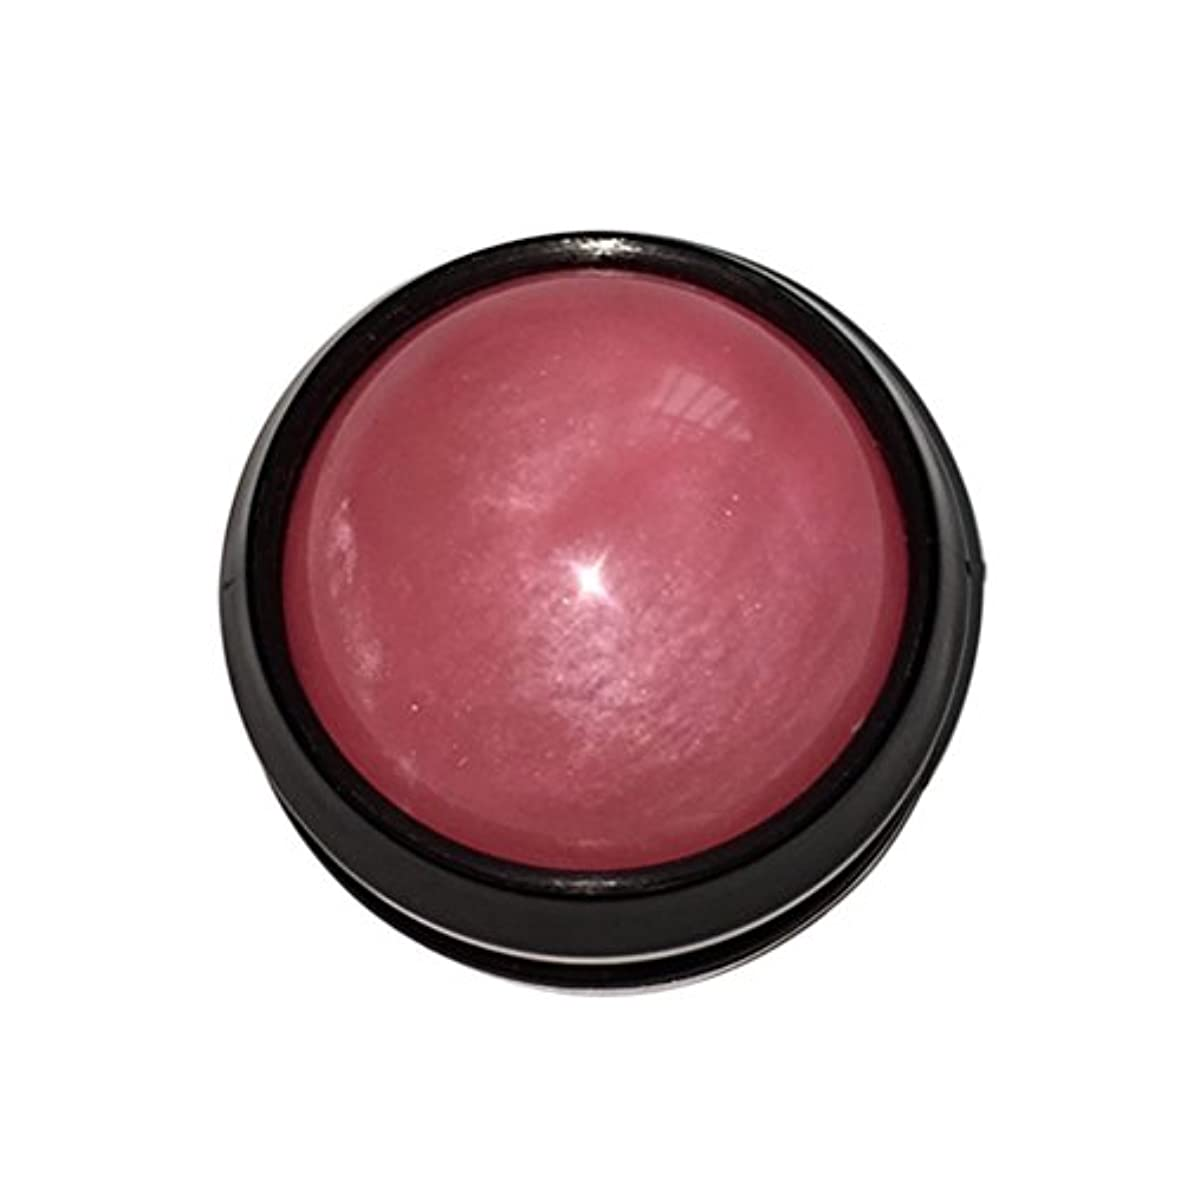 潤滑する家畜免疫するULTNICE マッサージ ボール リラックスボール ボディ ローラー ほぐし 健康器具 血行促進 解消 360度回転(ピンク)